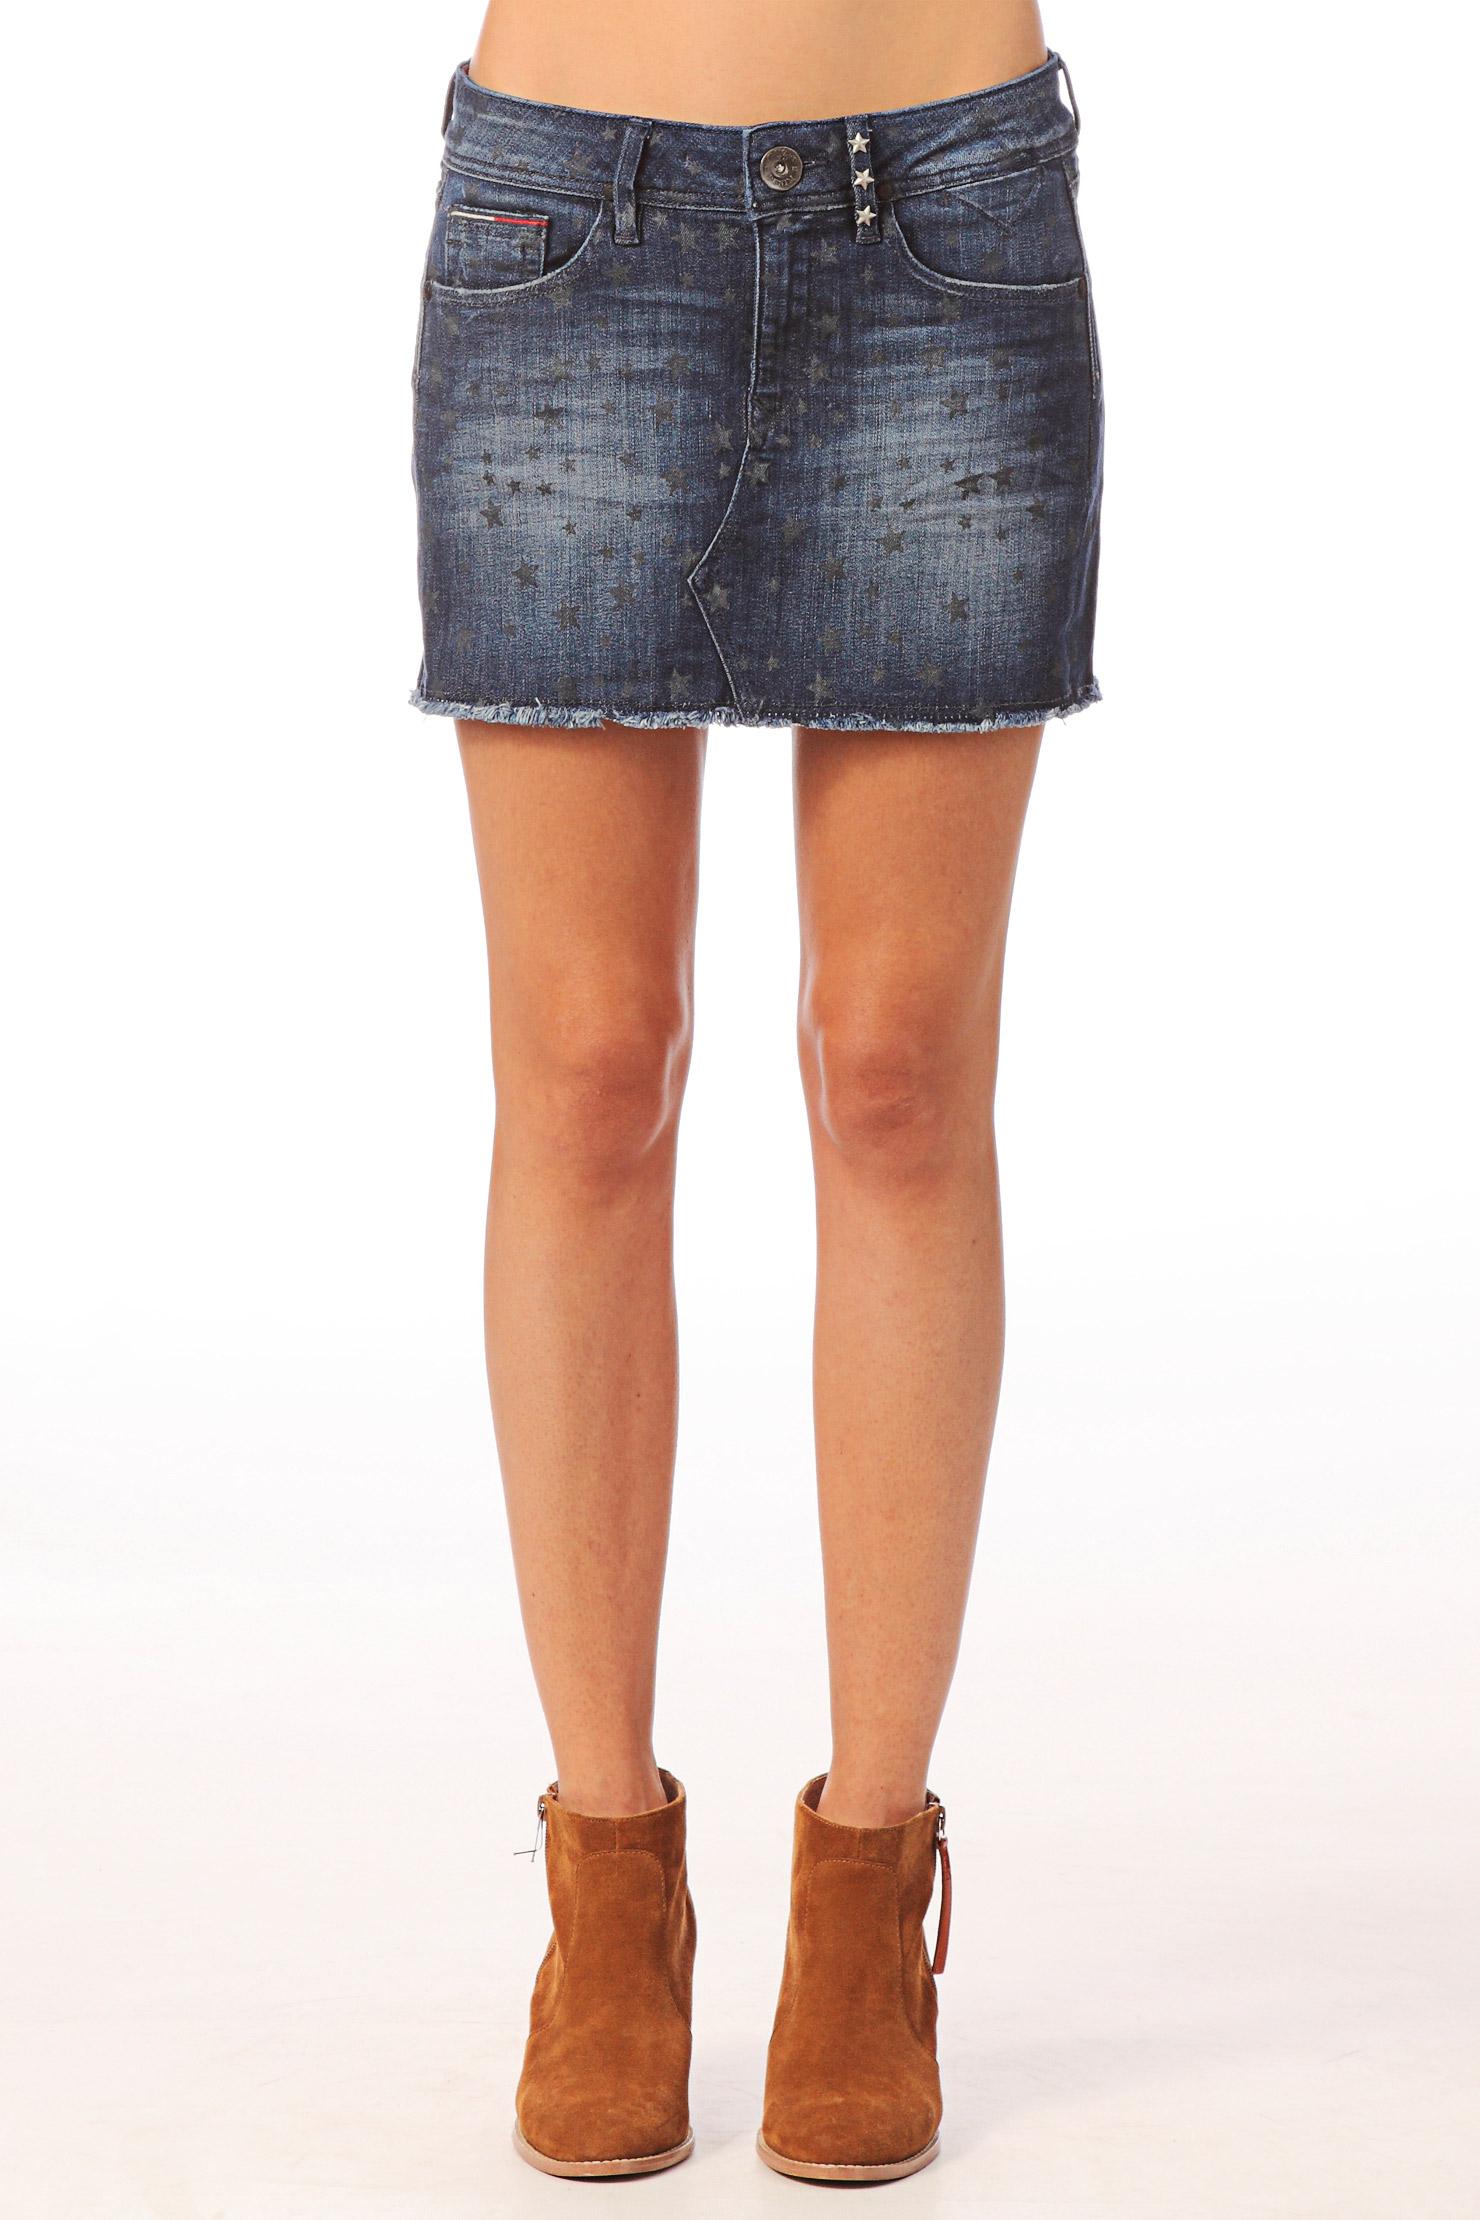 Blue Jean Mini Skirts - Dress Ala